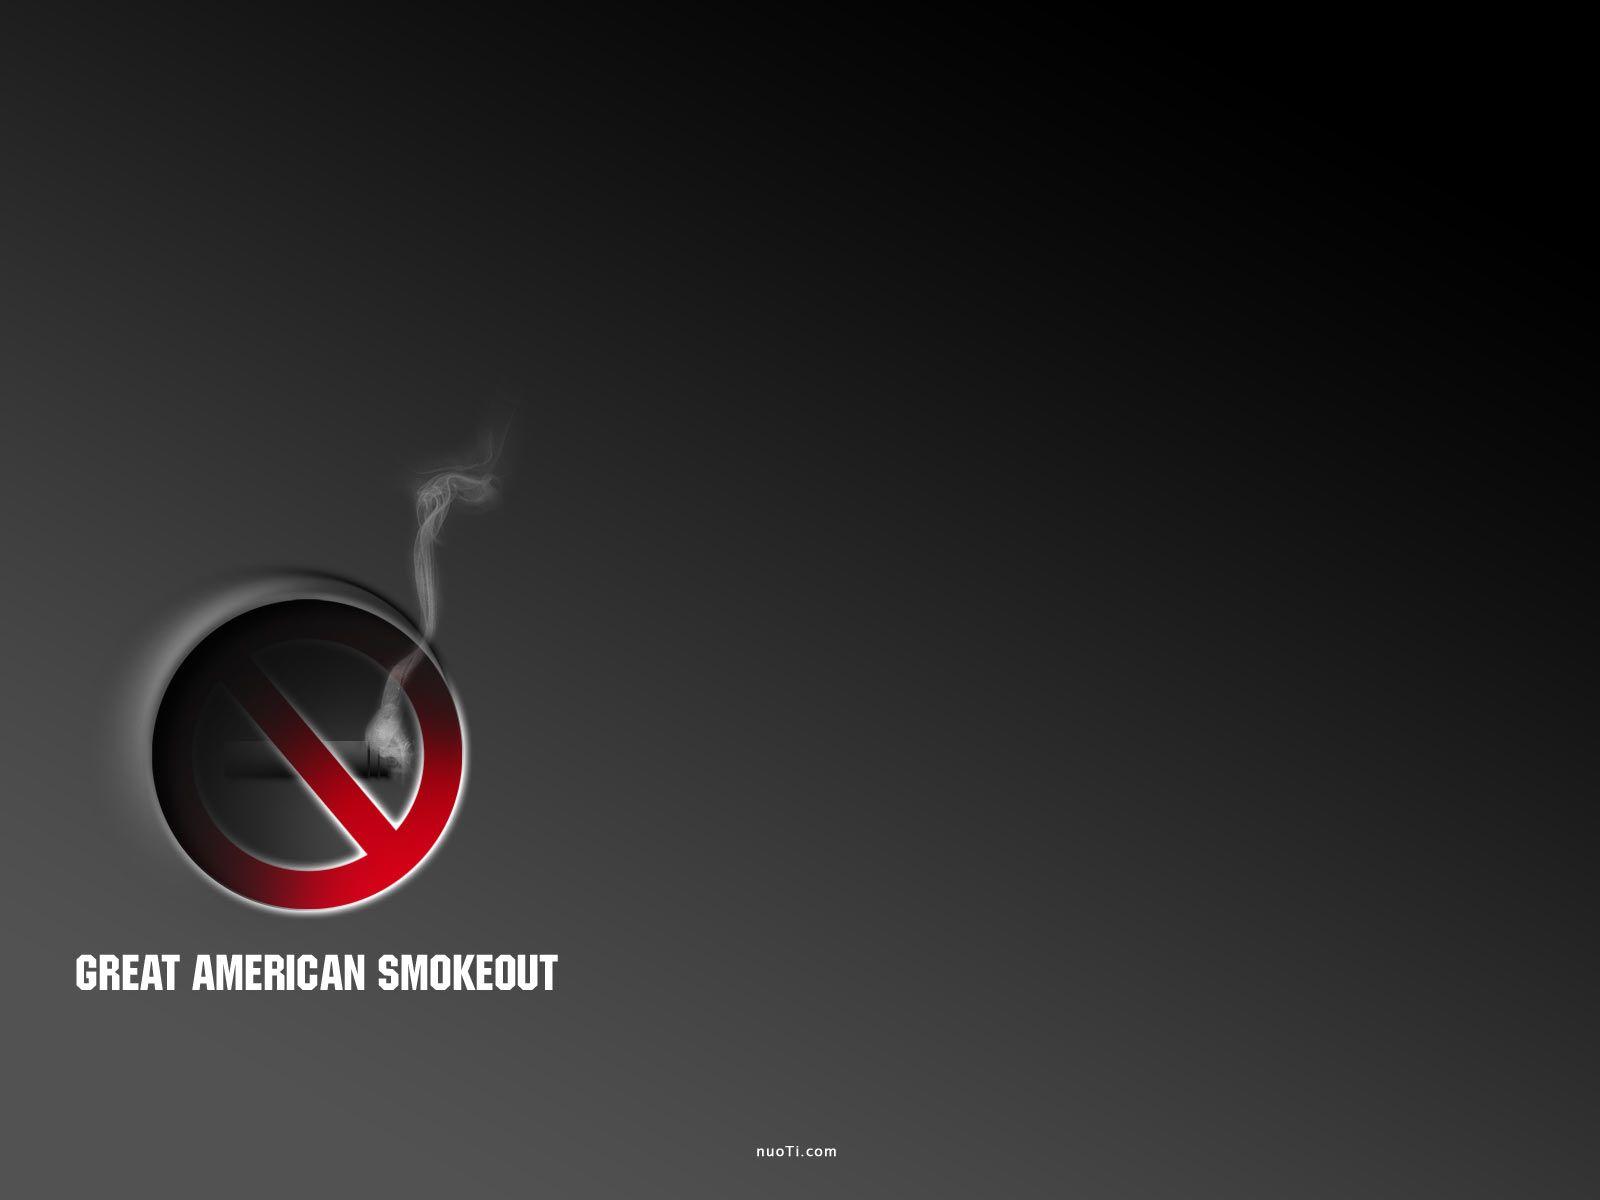 No Smoking Wallpaper 1600x1200